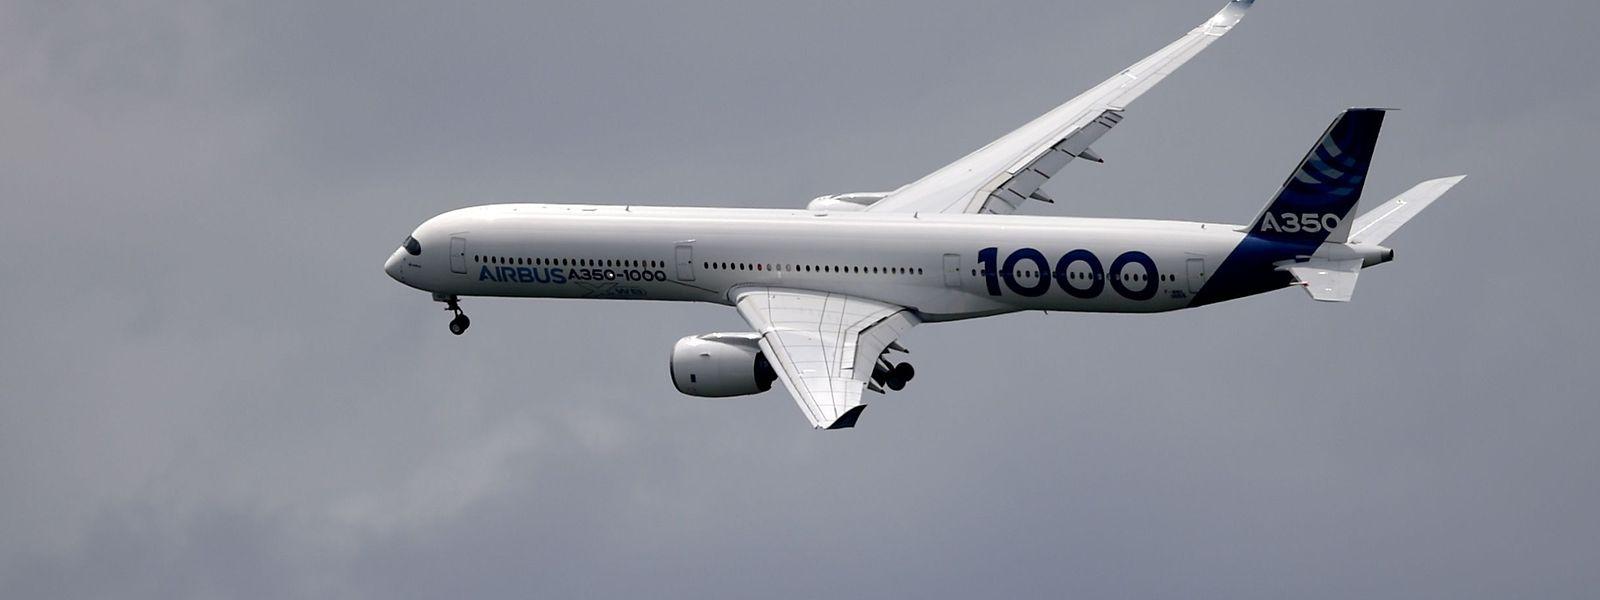 Eine A350-1000 beim Überflug des Geländes in Le Bourget.